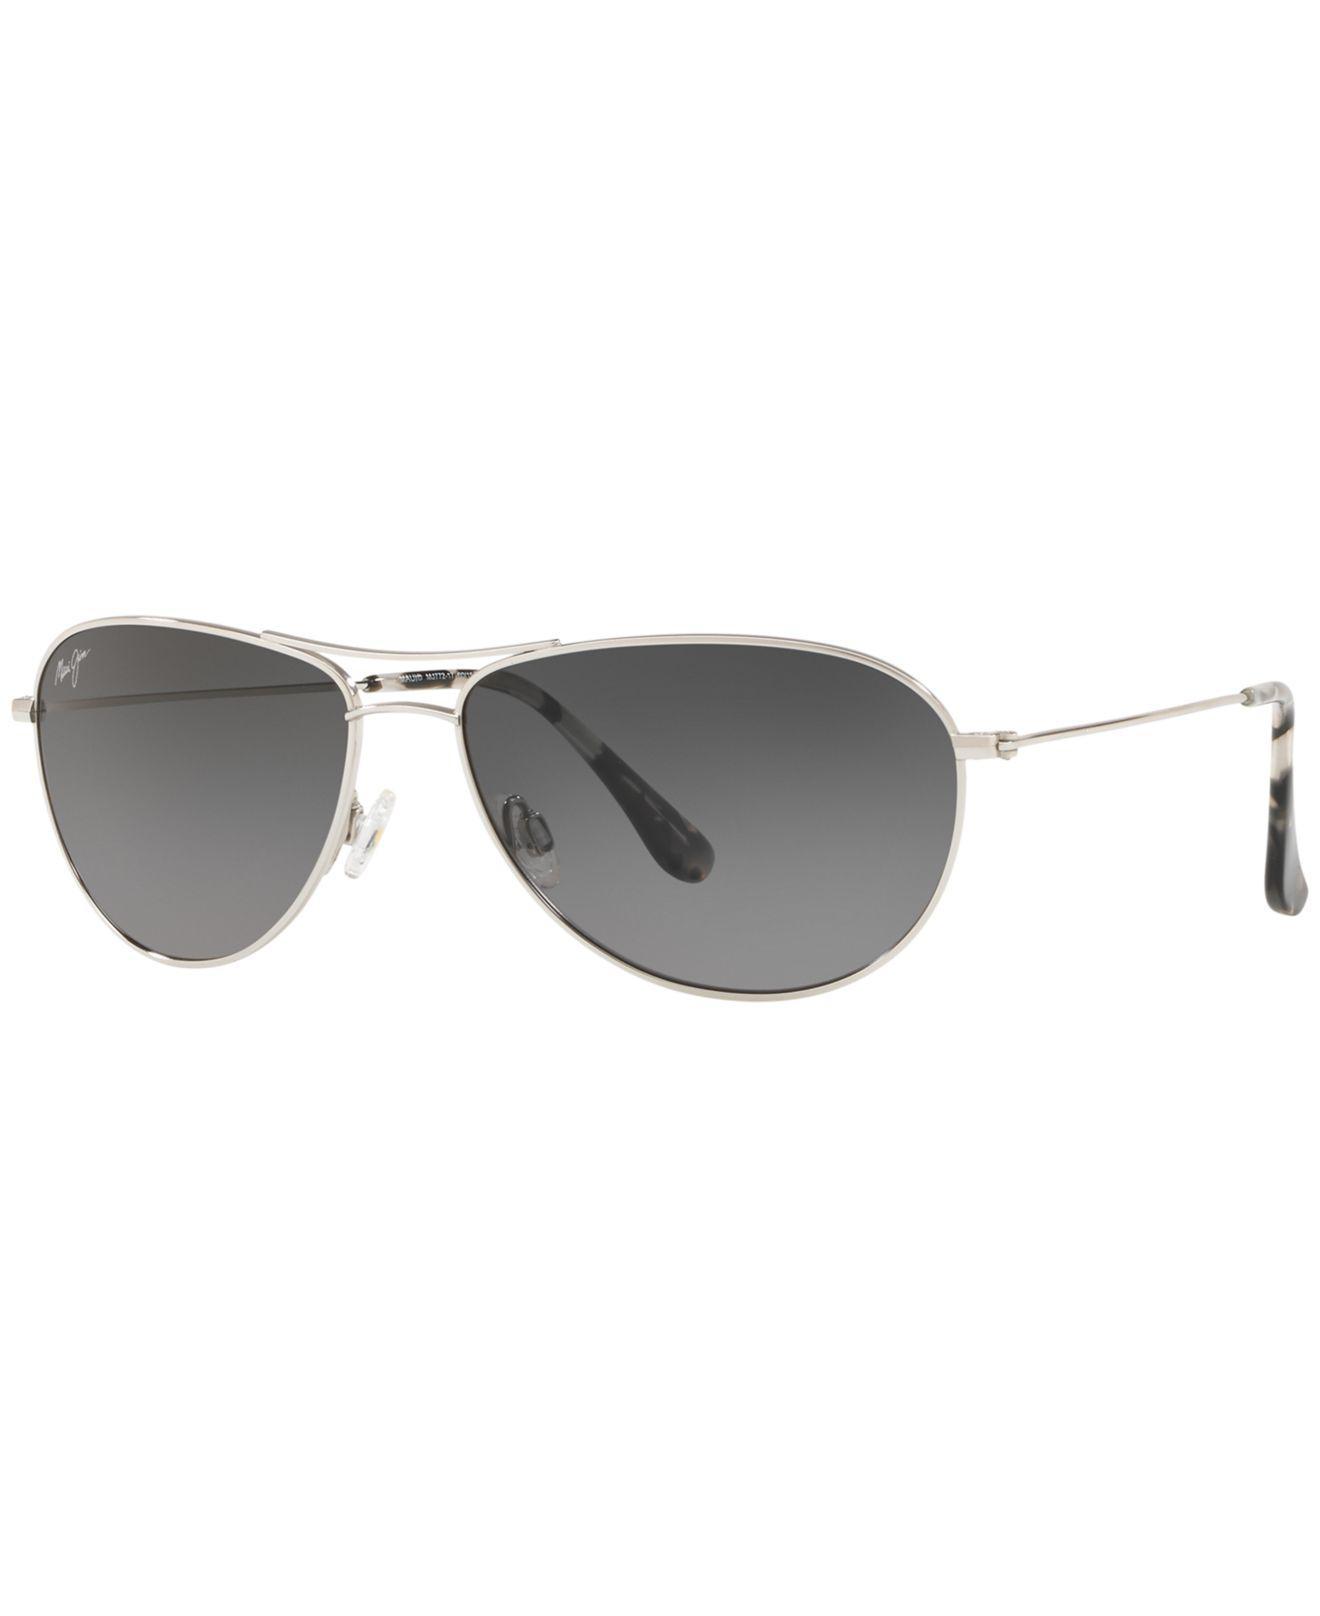 26accbf01a543 Lyst - Maui Jim Sea House Polarized Sunglasses